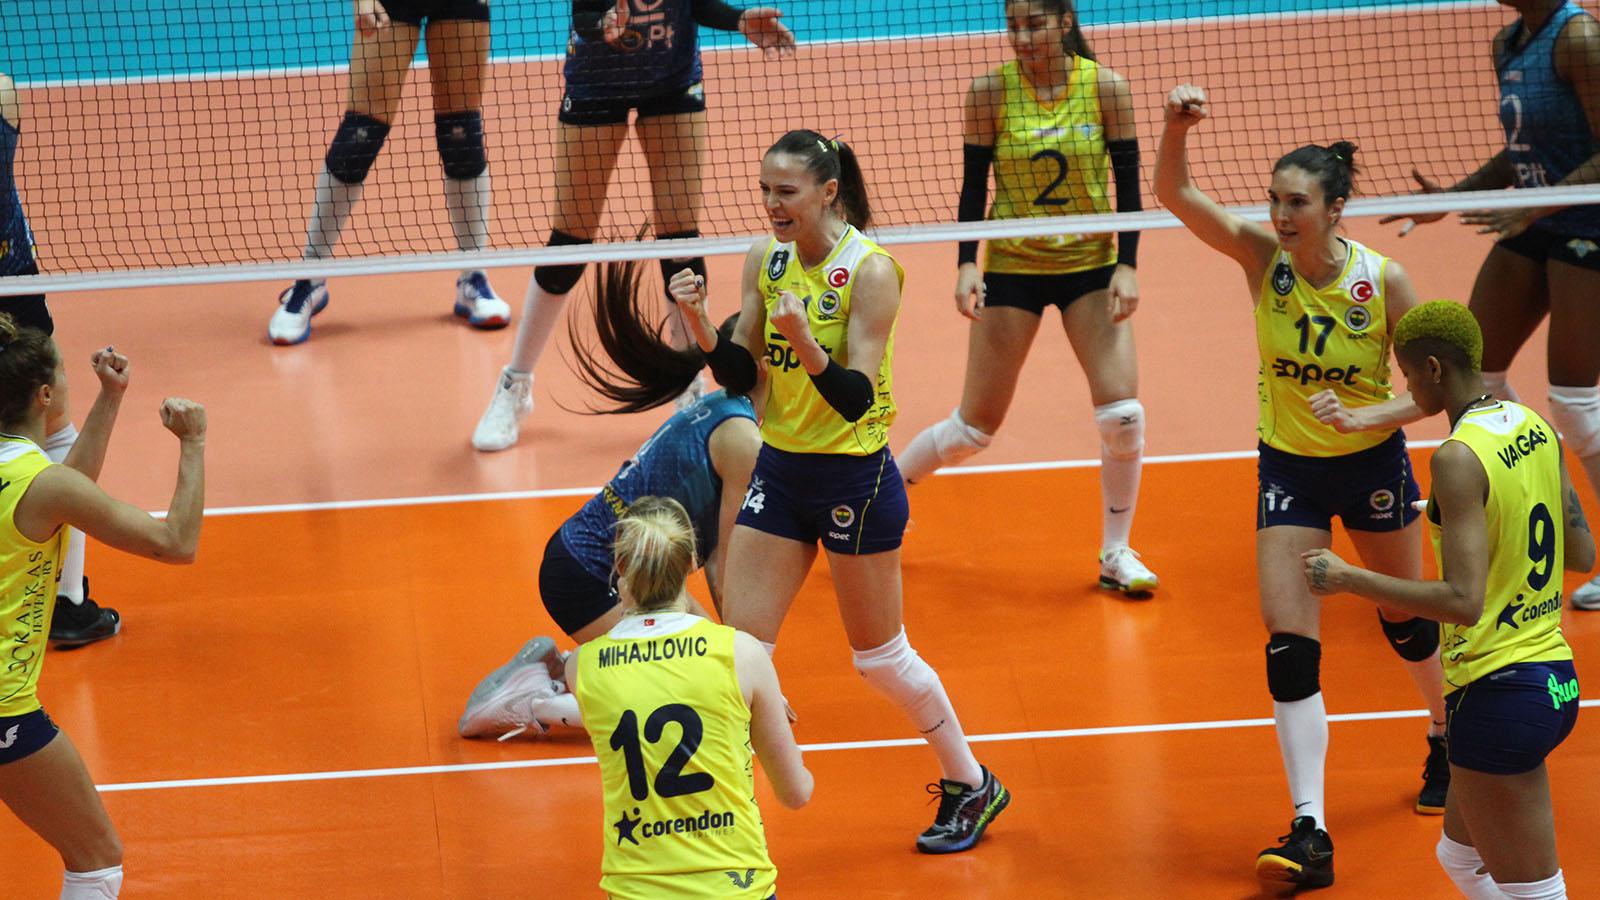 PTT 2-3 Fenerbahçe Opet